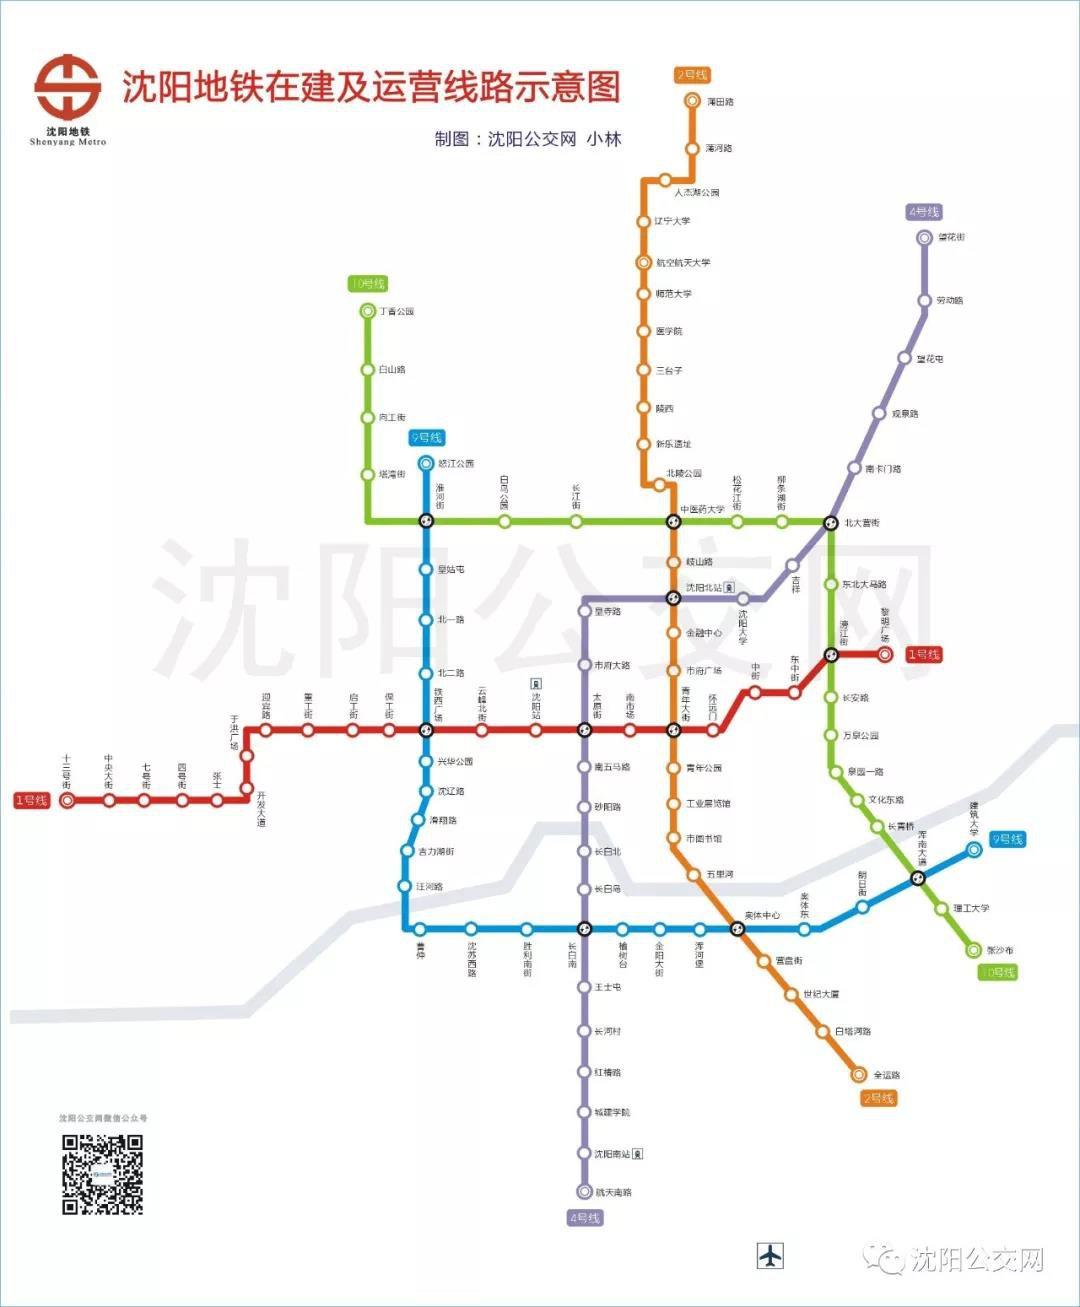 沈阳地铁4号线线路图